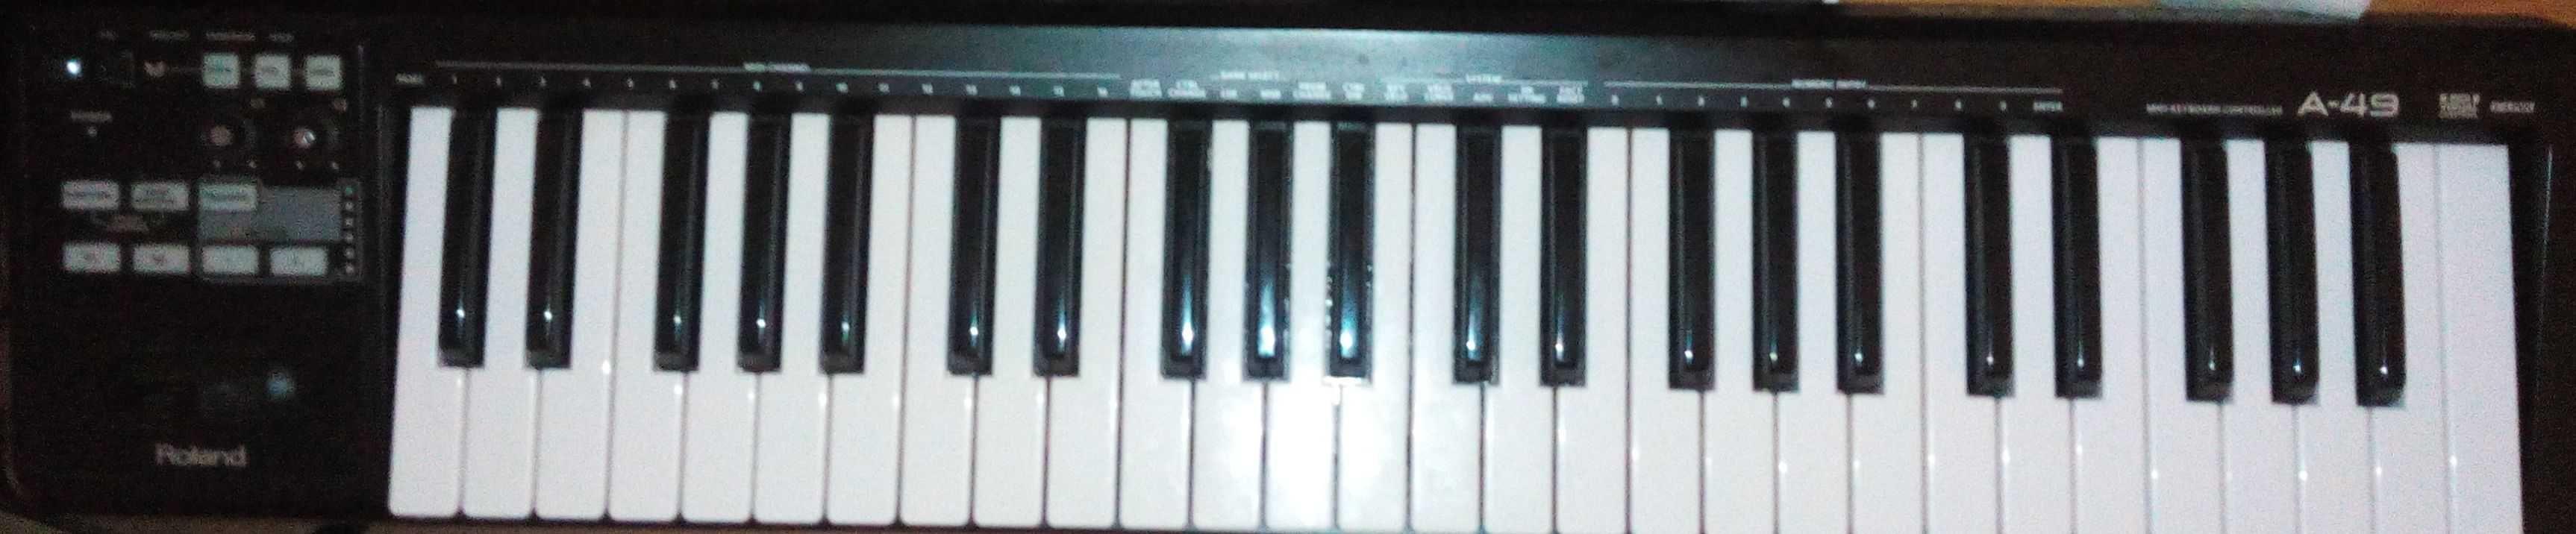 Teclado Midi Roland A-49 em excelente estado (Ideal para compositores)